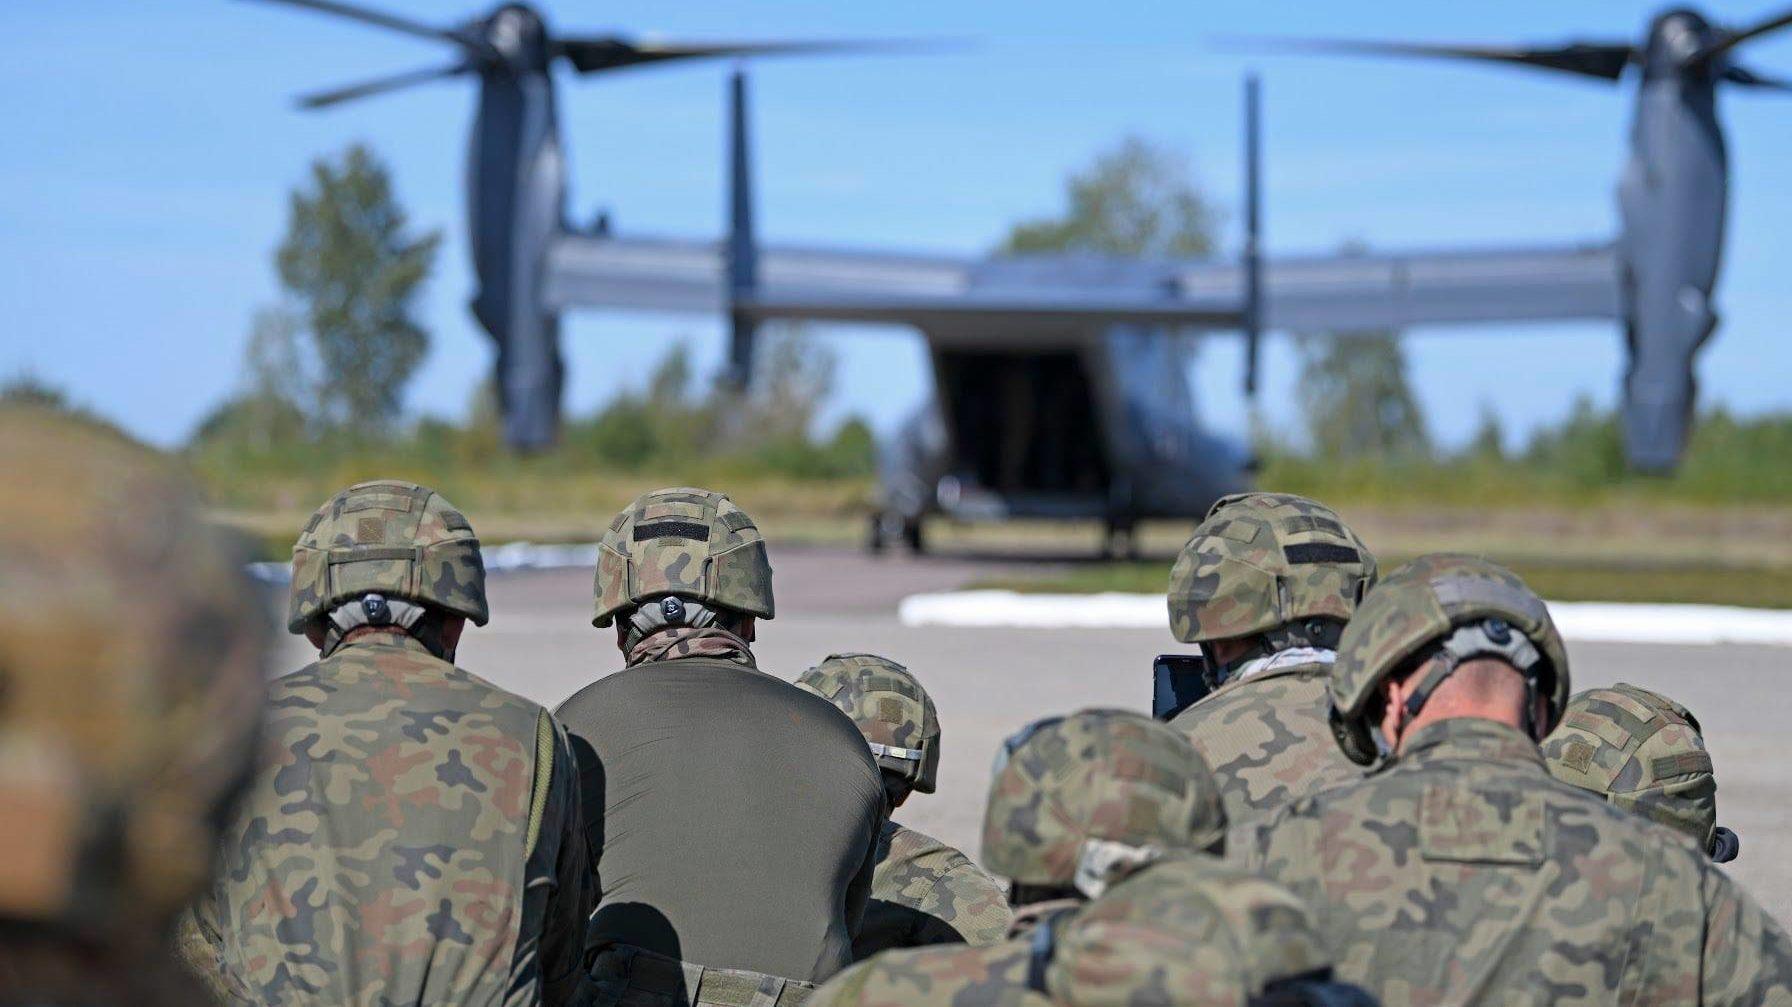 Над запорізьким небом пролетять американські військові літаки